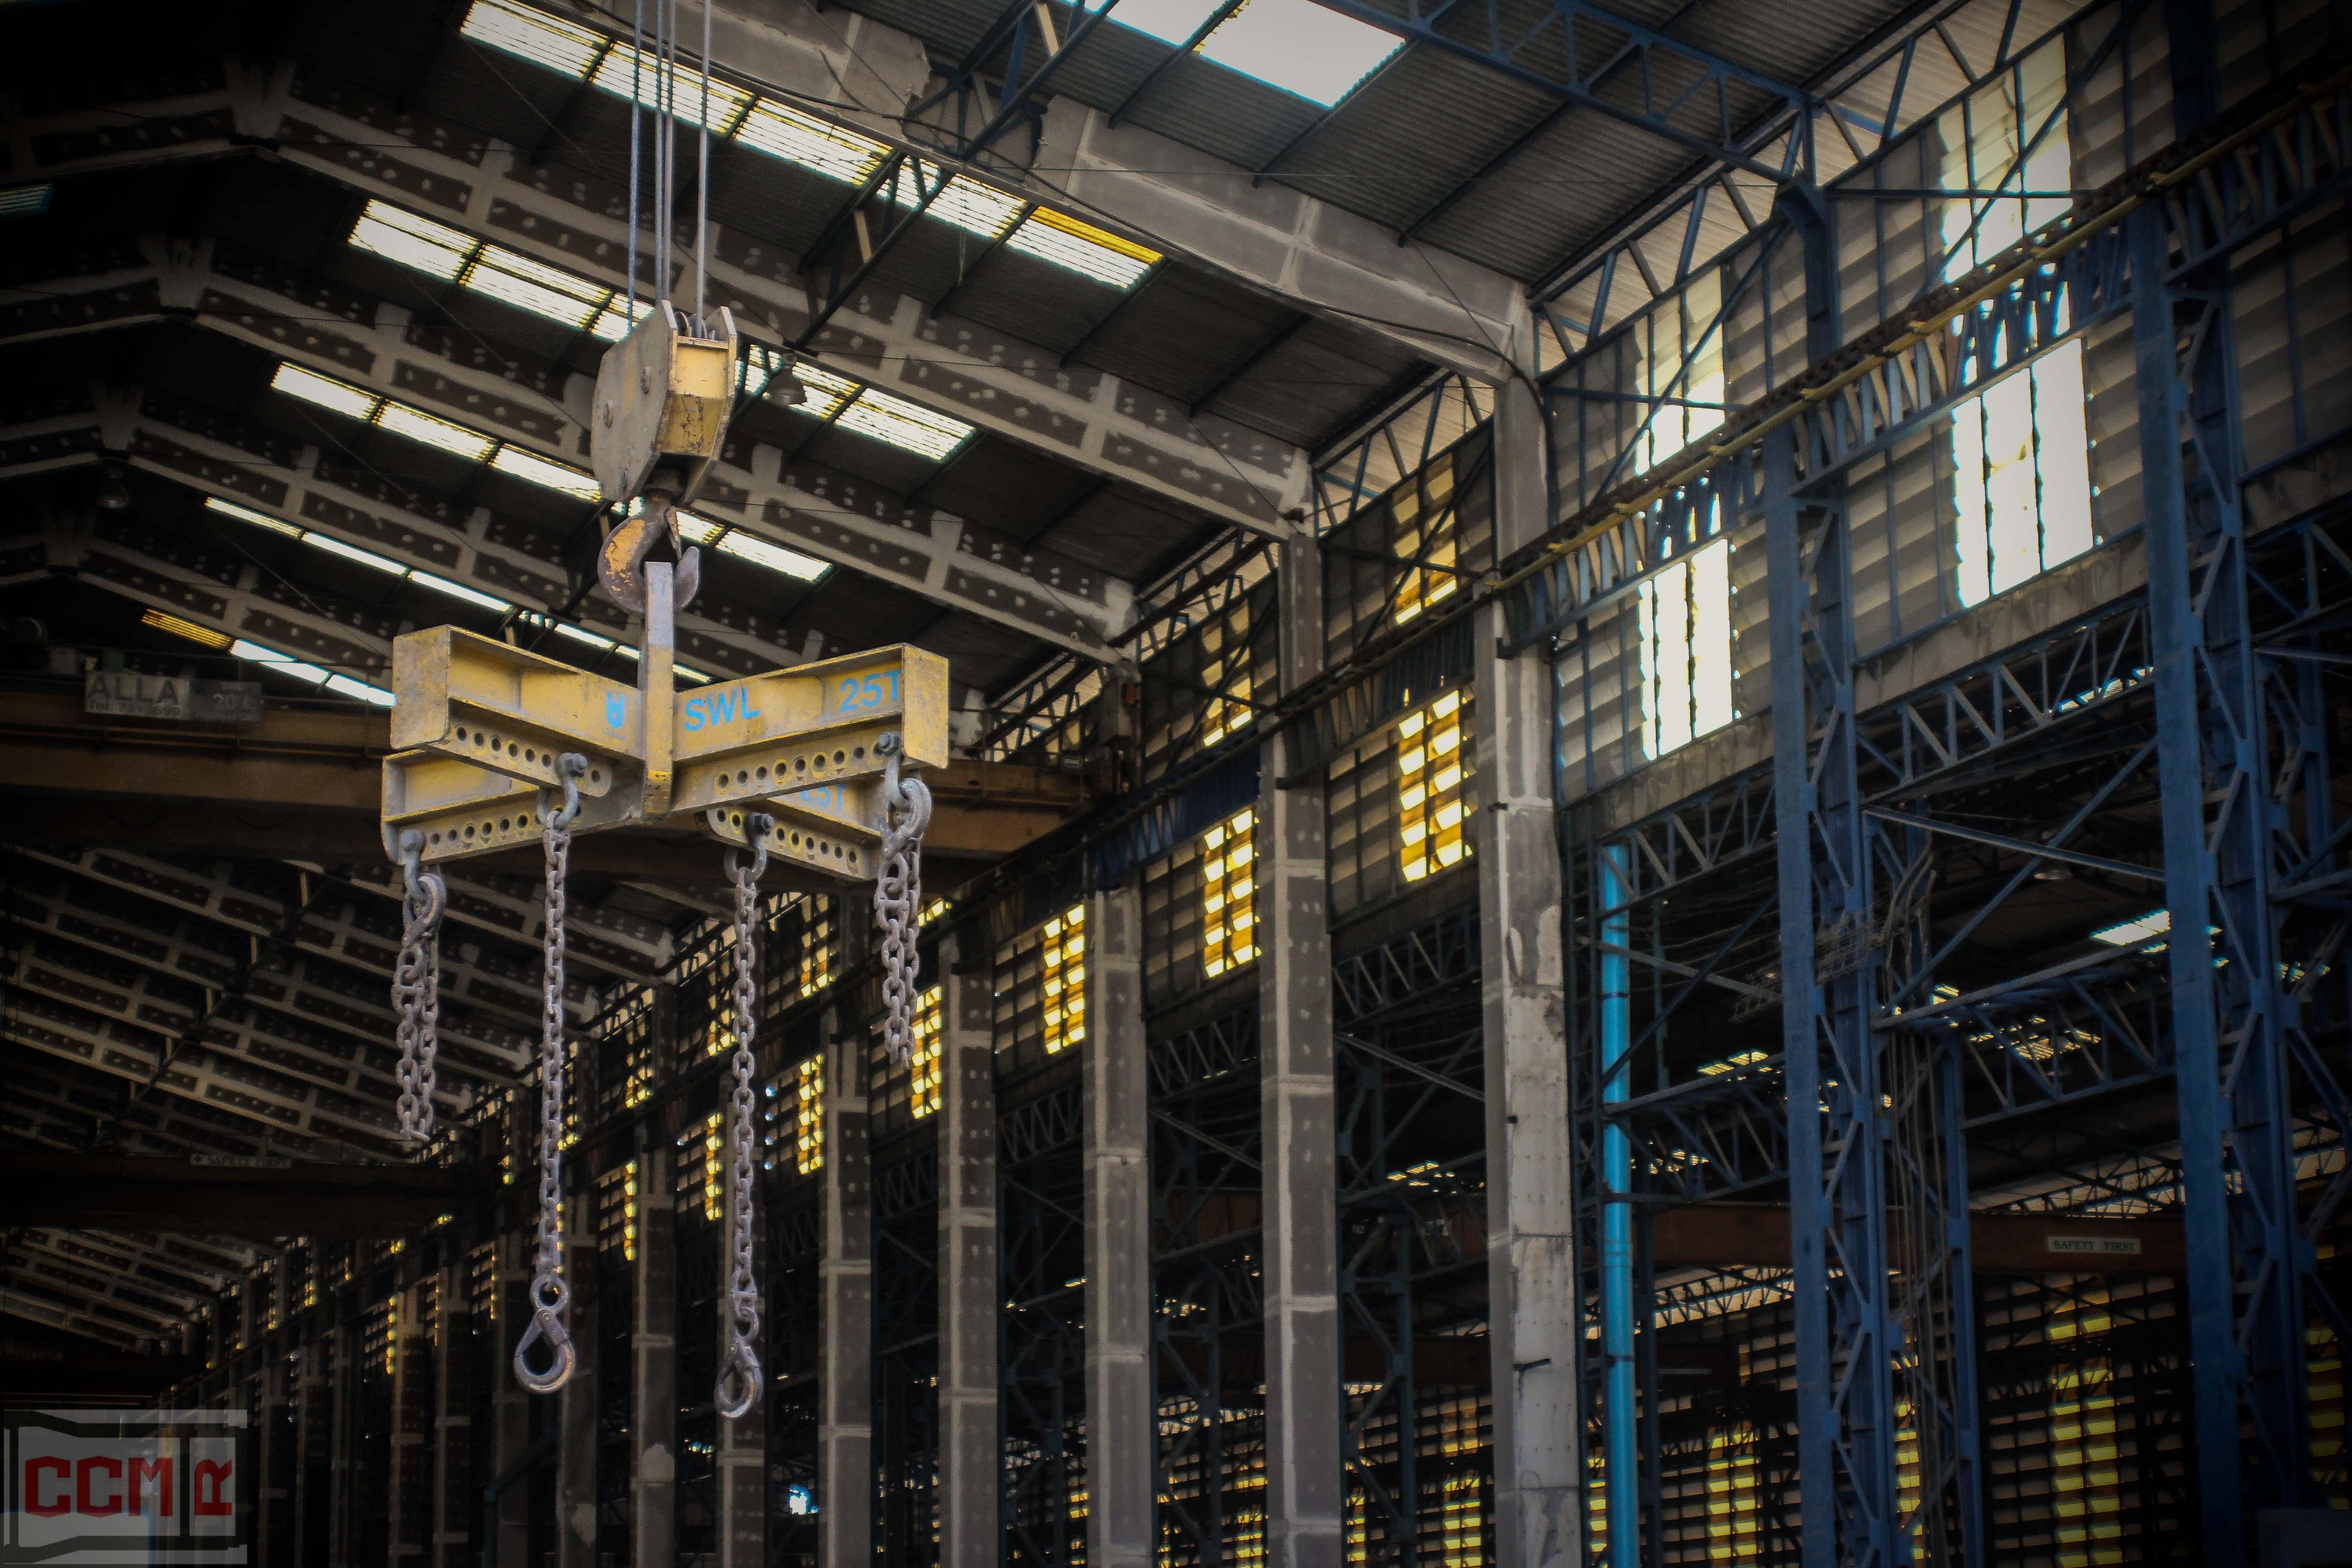 ชูสินคอนกรีต ท่อ บ่อพัก คอนกรีต โครงสร้างสำเร็จรูป prefab ผนัง เสาคาน รางระบายน้ำ แผ่นพื้น